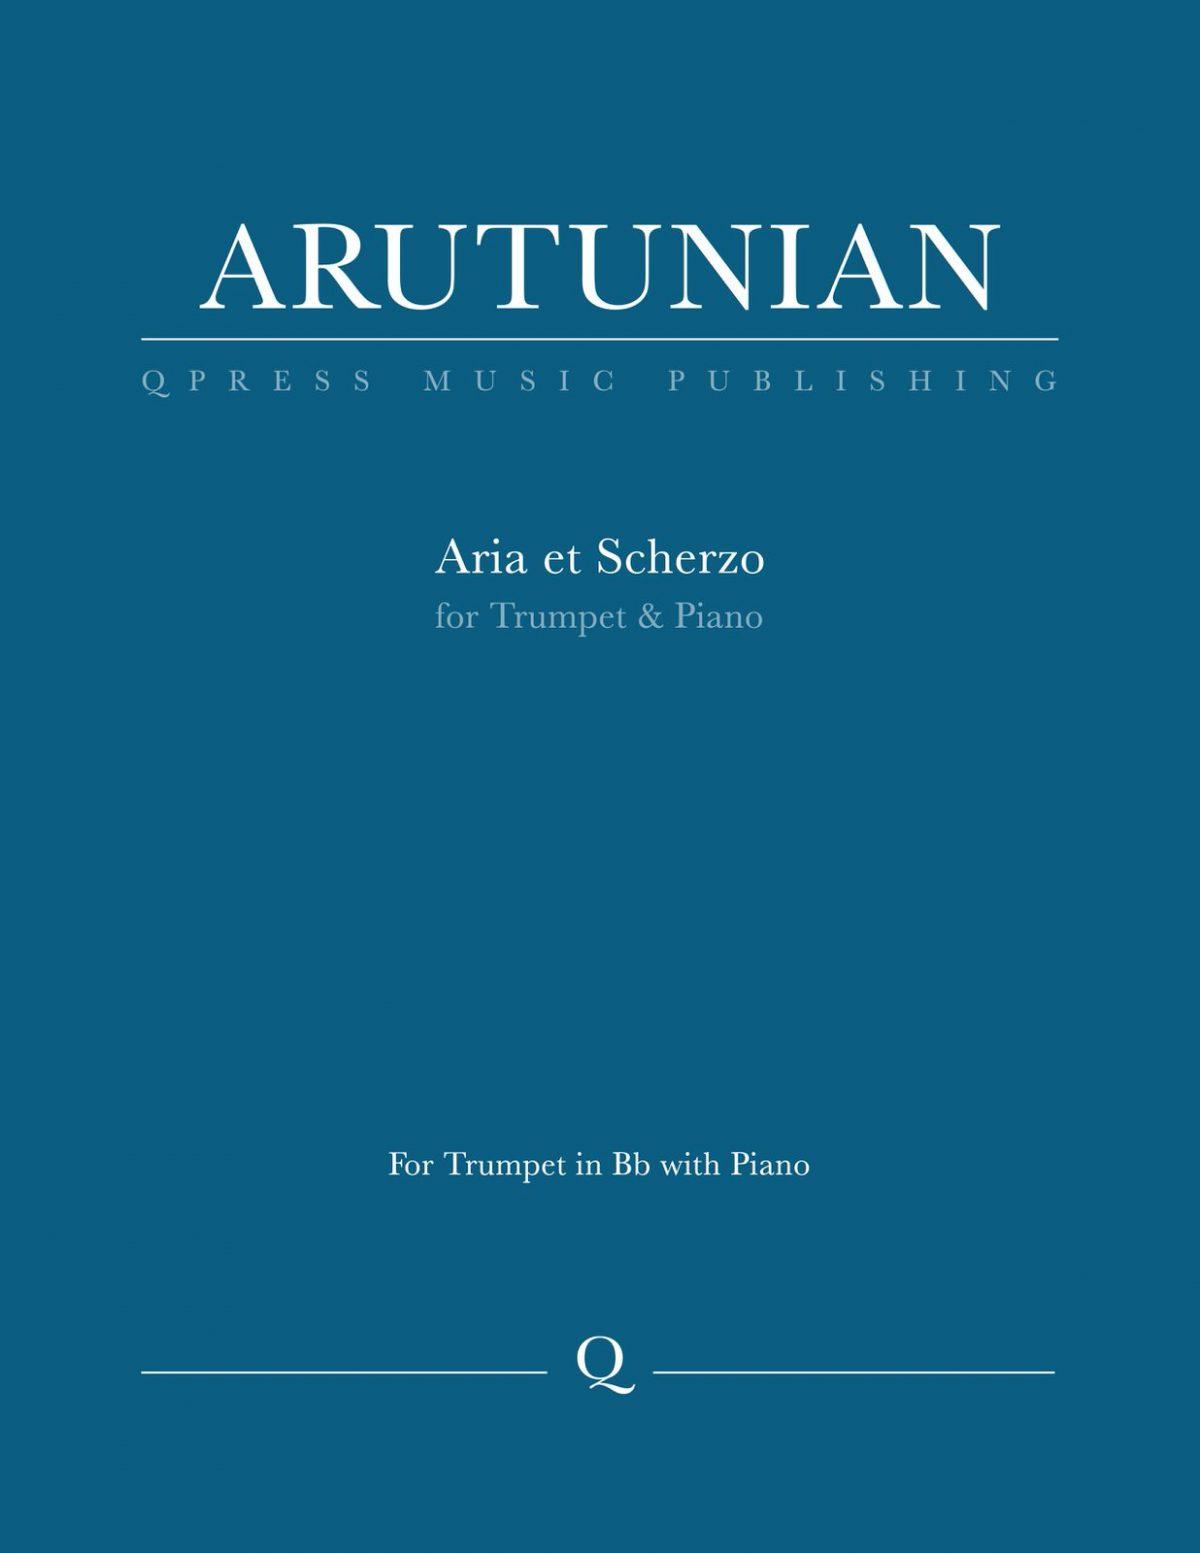 Arutunian, Aria et Scherzo-p01